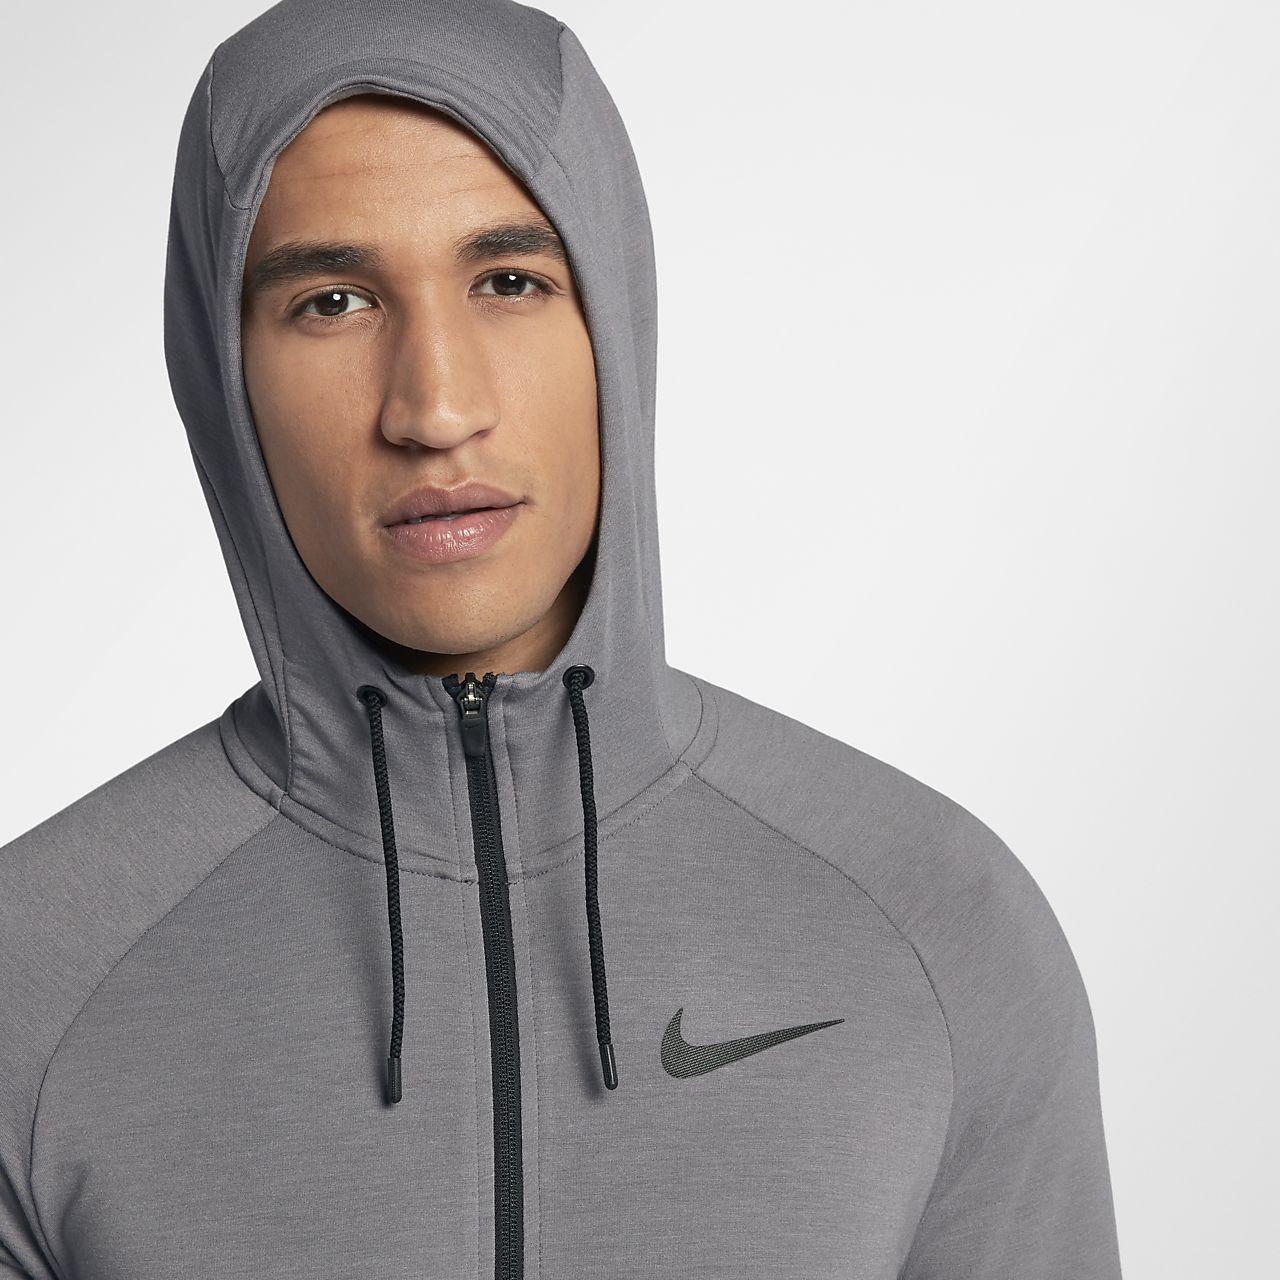 Dri Nike Hombre Capucha Entrenamiento Cremallera Con Sudadera Completa Fit De gv6y7Ybf